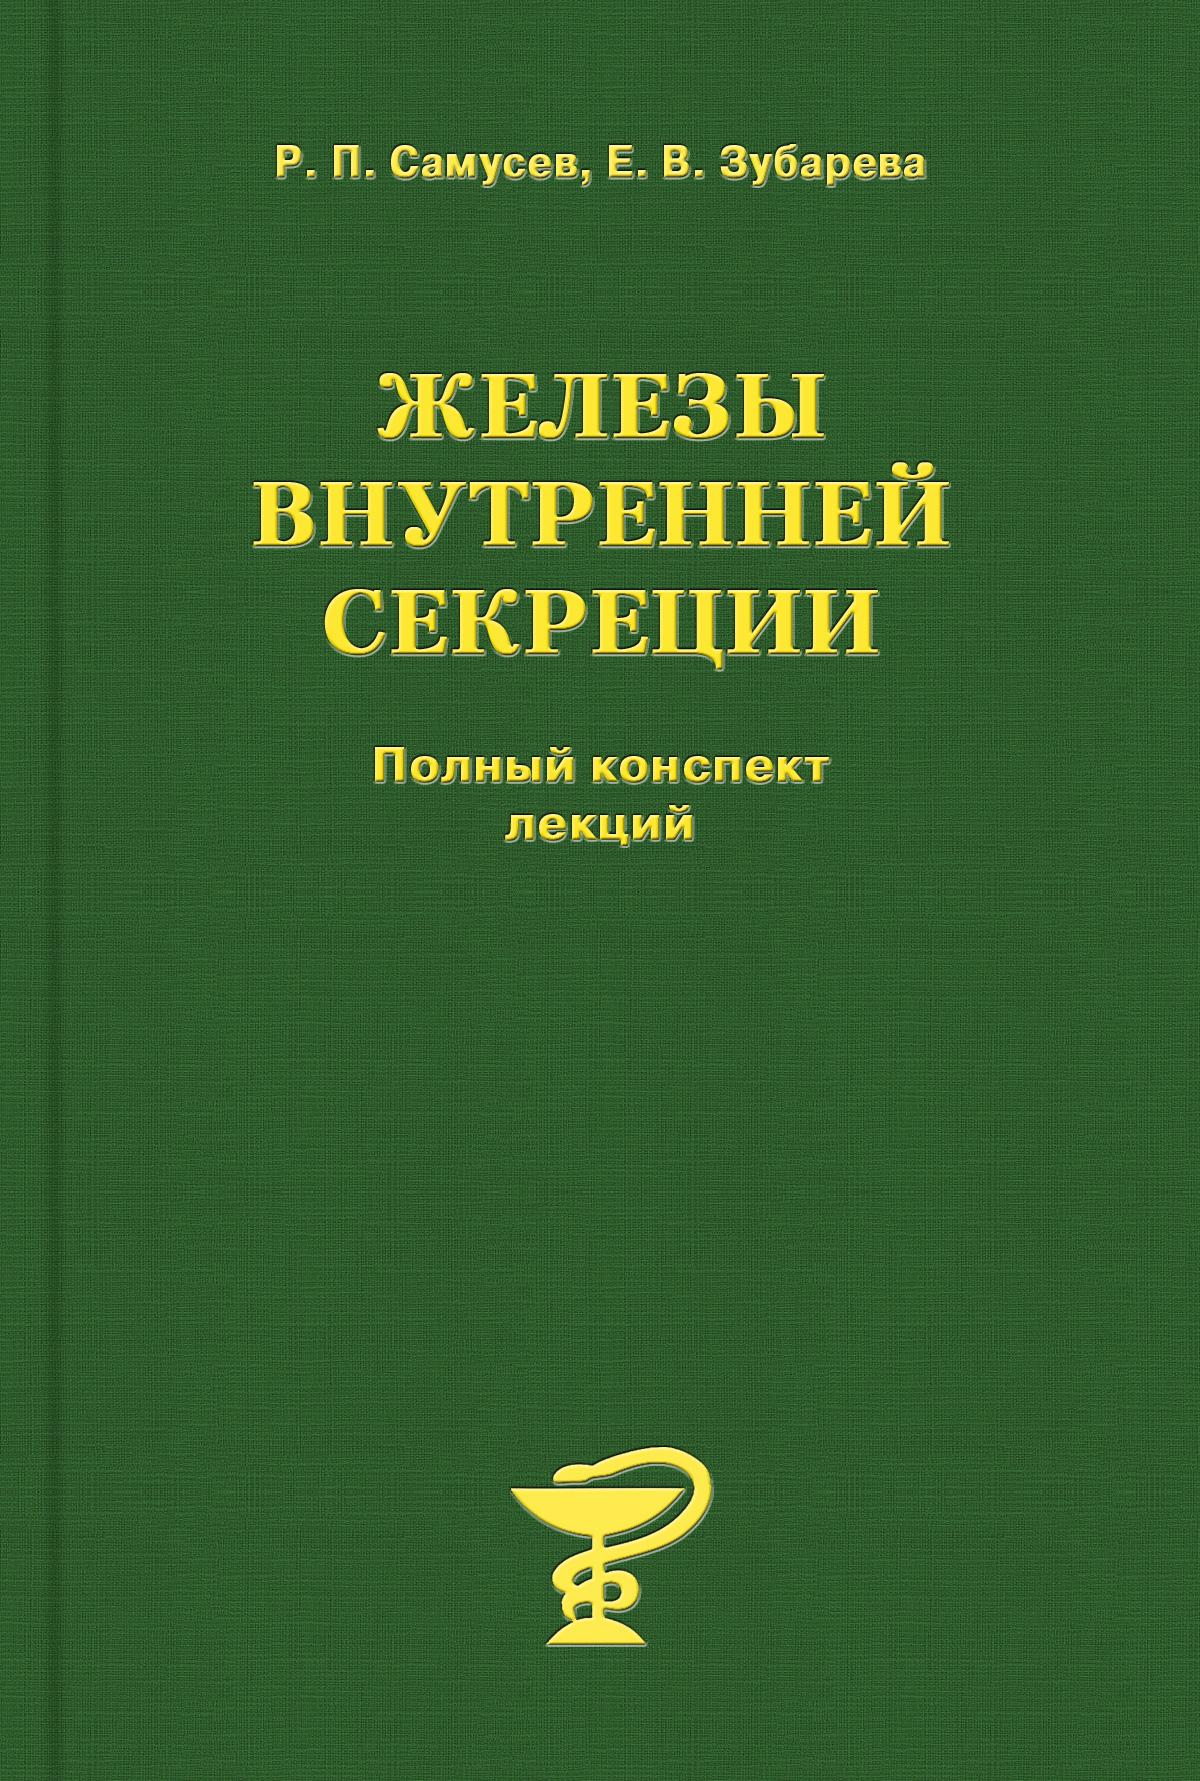 Р. П. Самусев Железы внутренней секреции становления и развития гистологии на медицинском факультете иму мма